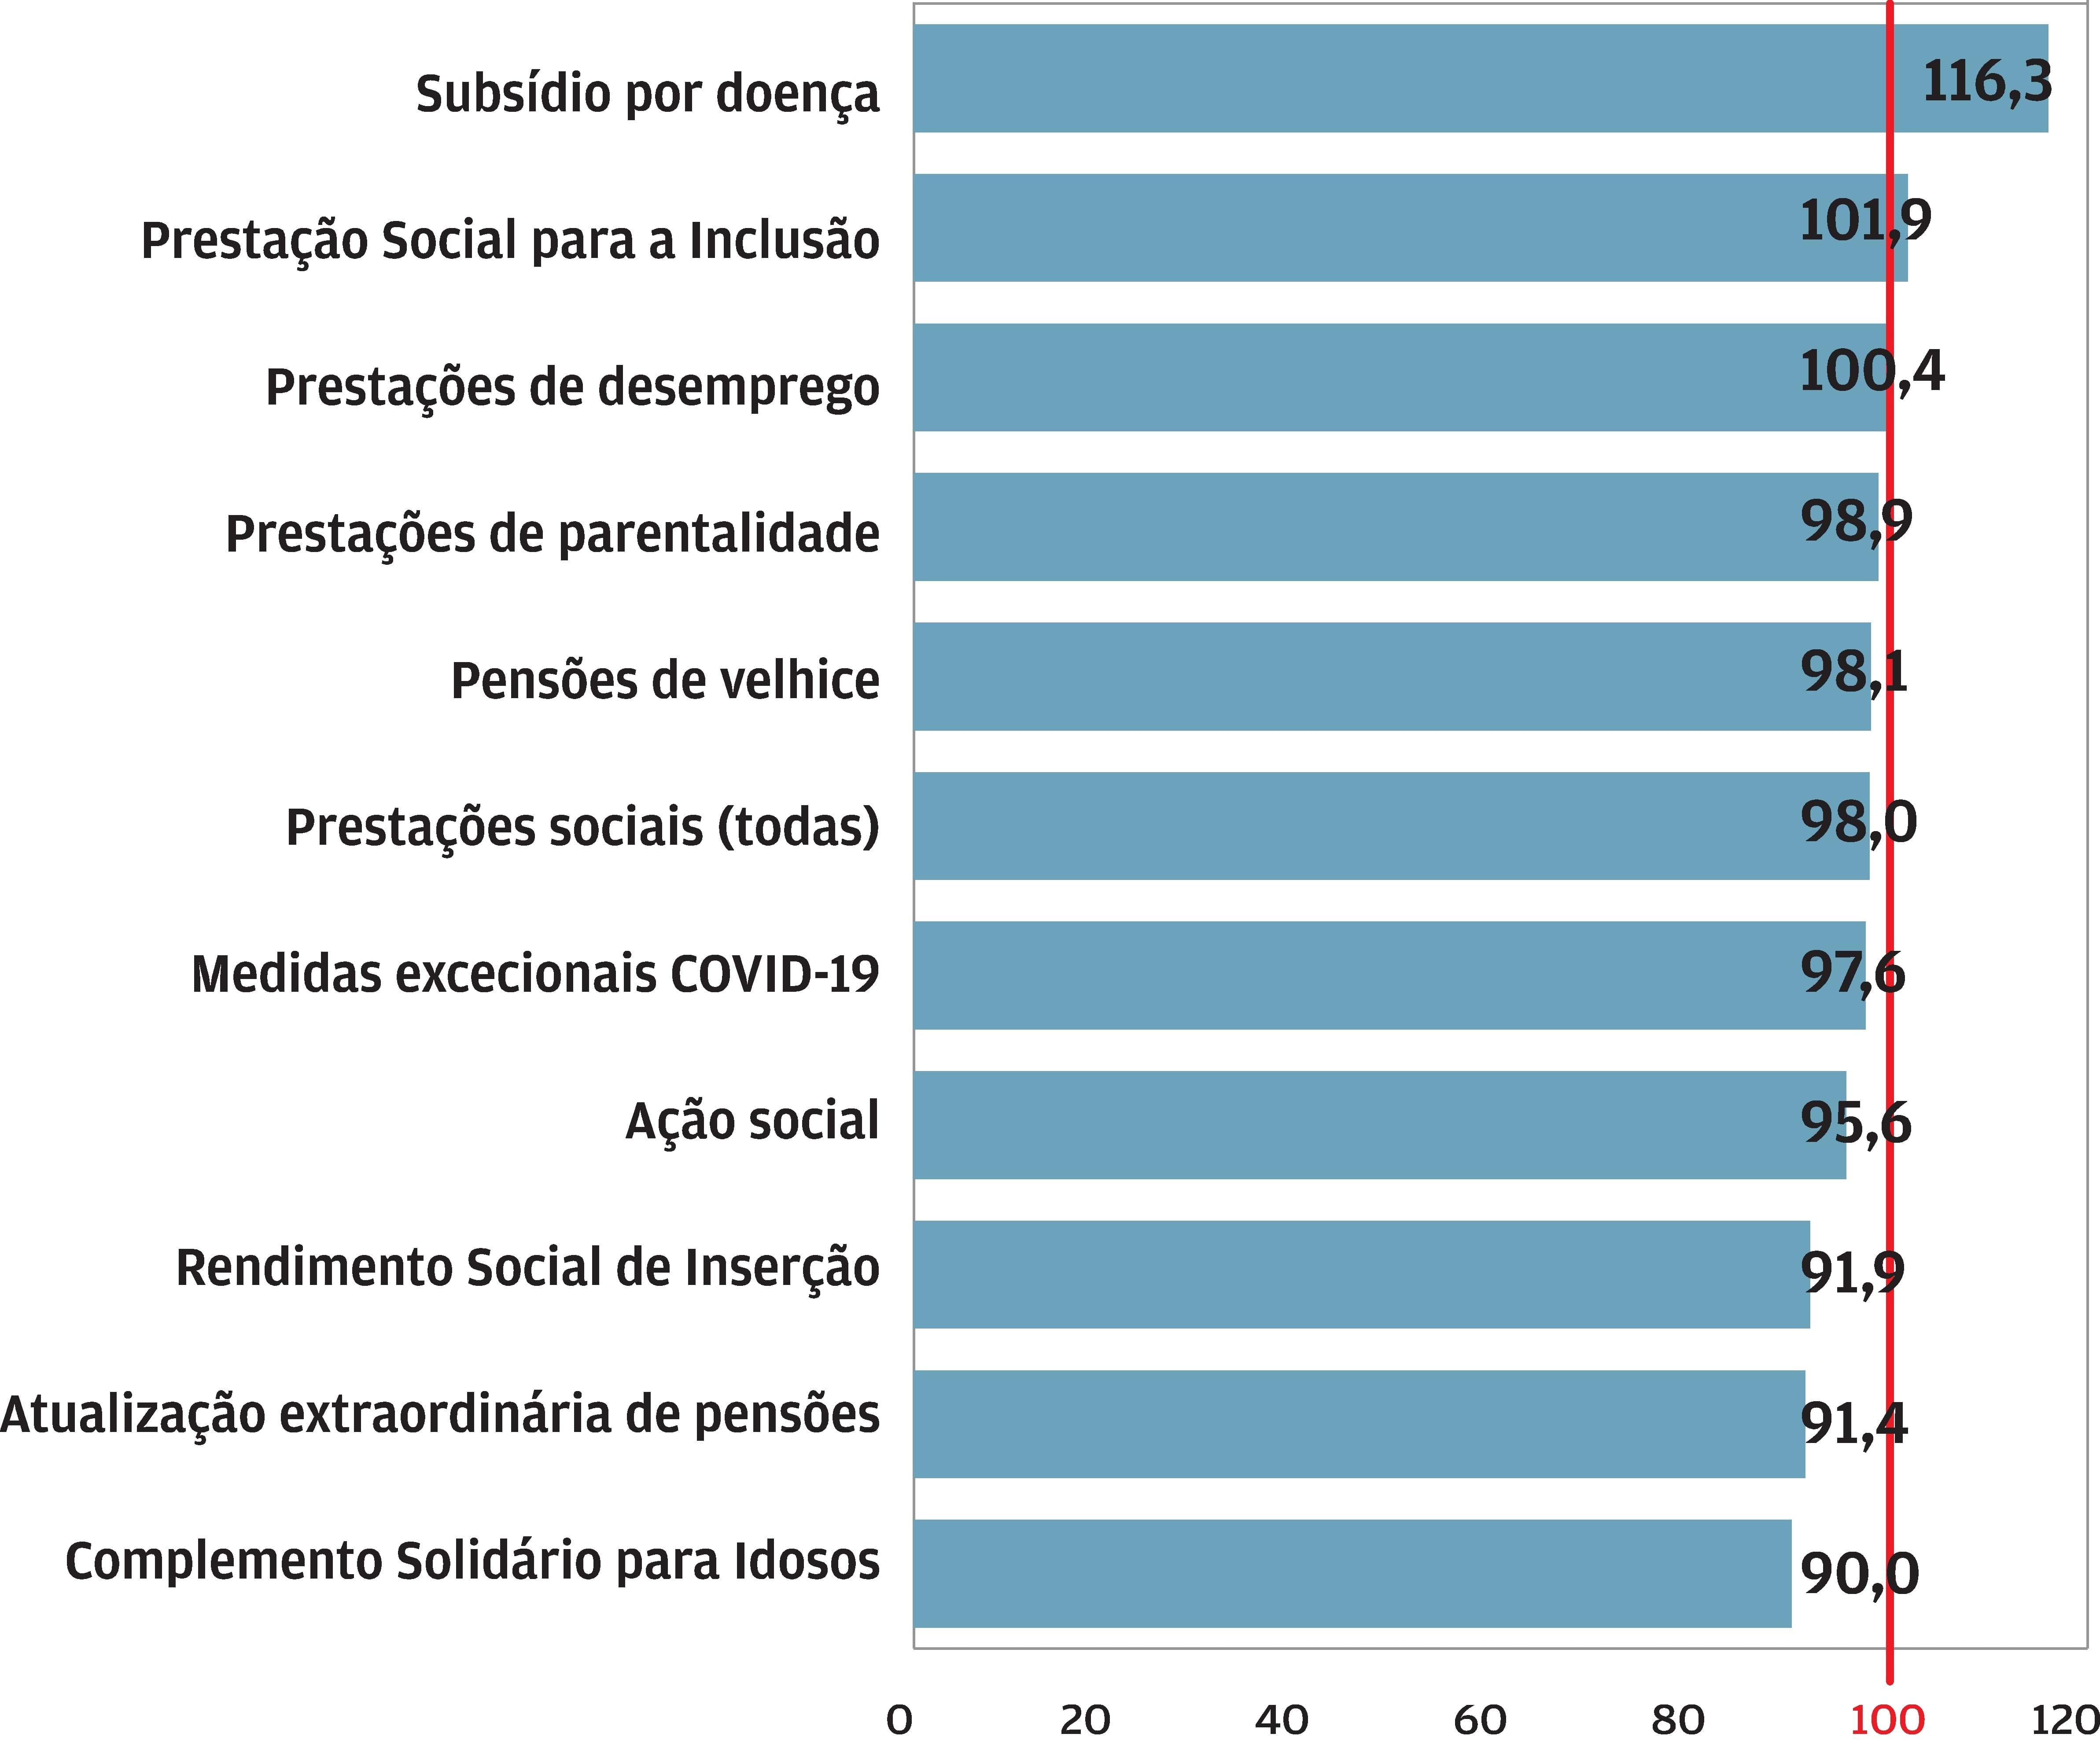 Despesa com apoios sociais ficou aquém do orçamentado. Gráfico publicado pelo Jornal de Negócios a 01.02.2021.